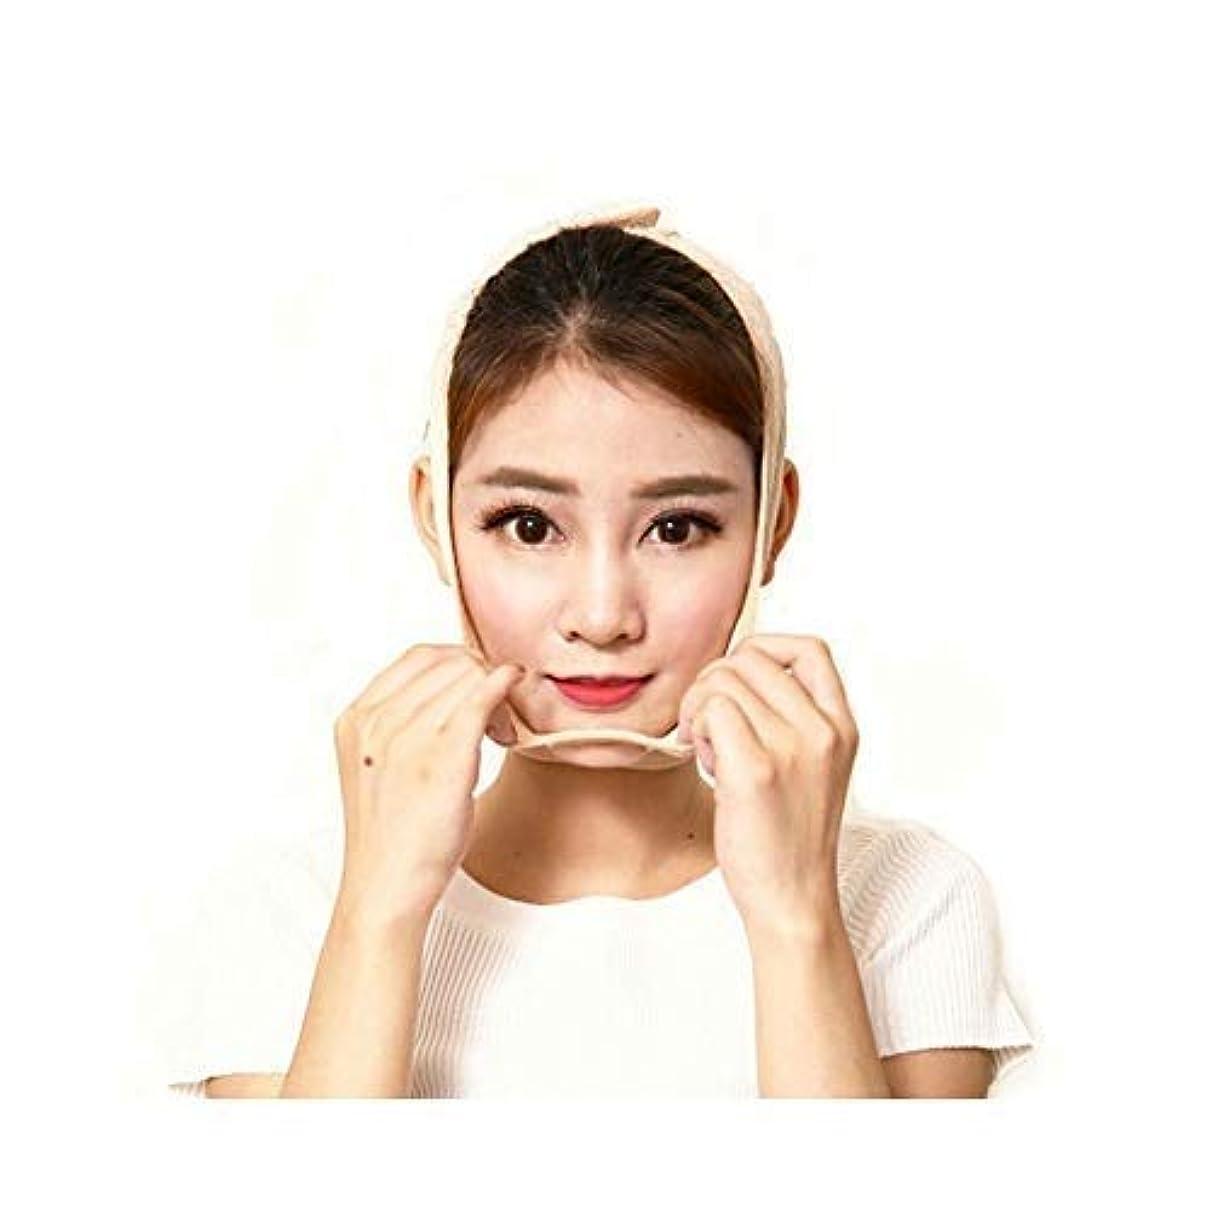 アレイ統計的学者引き締めマスク薄い顔アーティファクト包帯美容フードリフト引き締めマスクにダブルあごLスモールVフェイスマッサージフェイスリフトフェイシャル